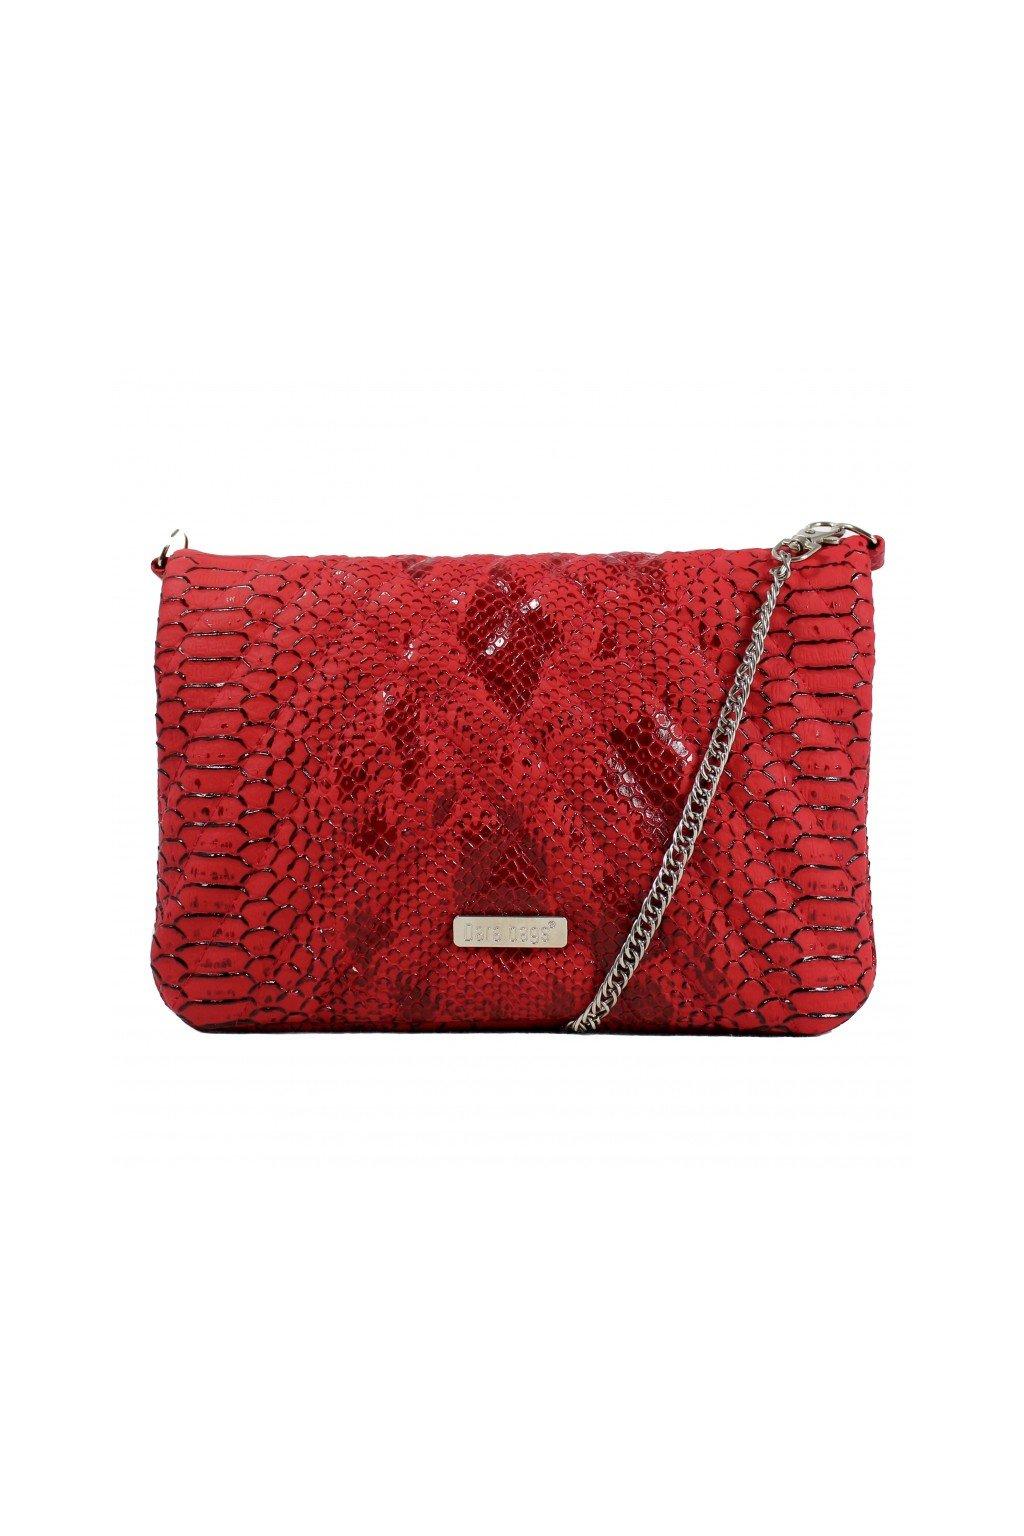 Malá kabelka Cocktail Chic Dara bags červená 1